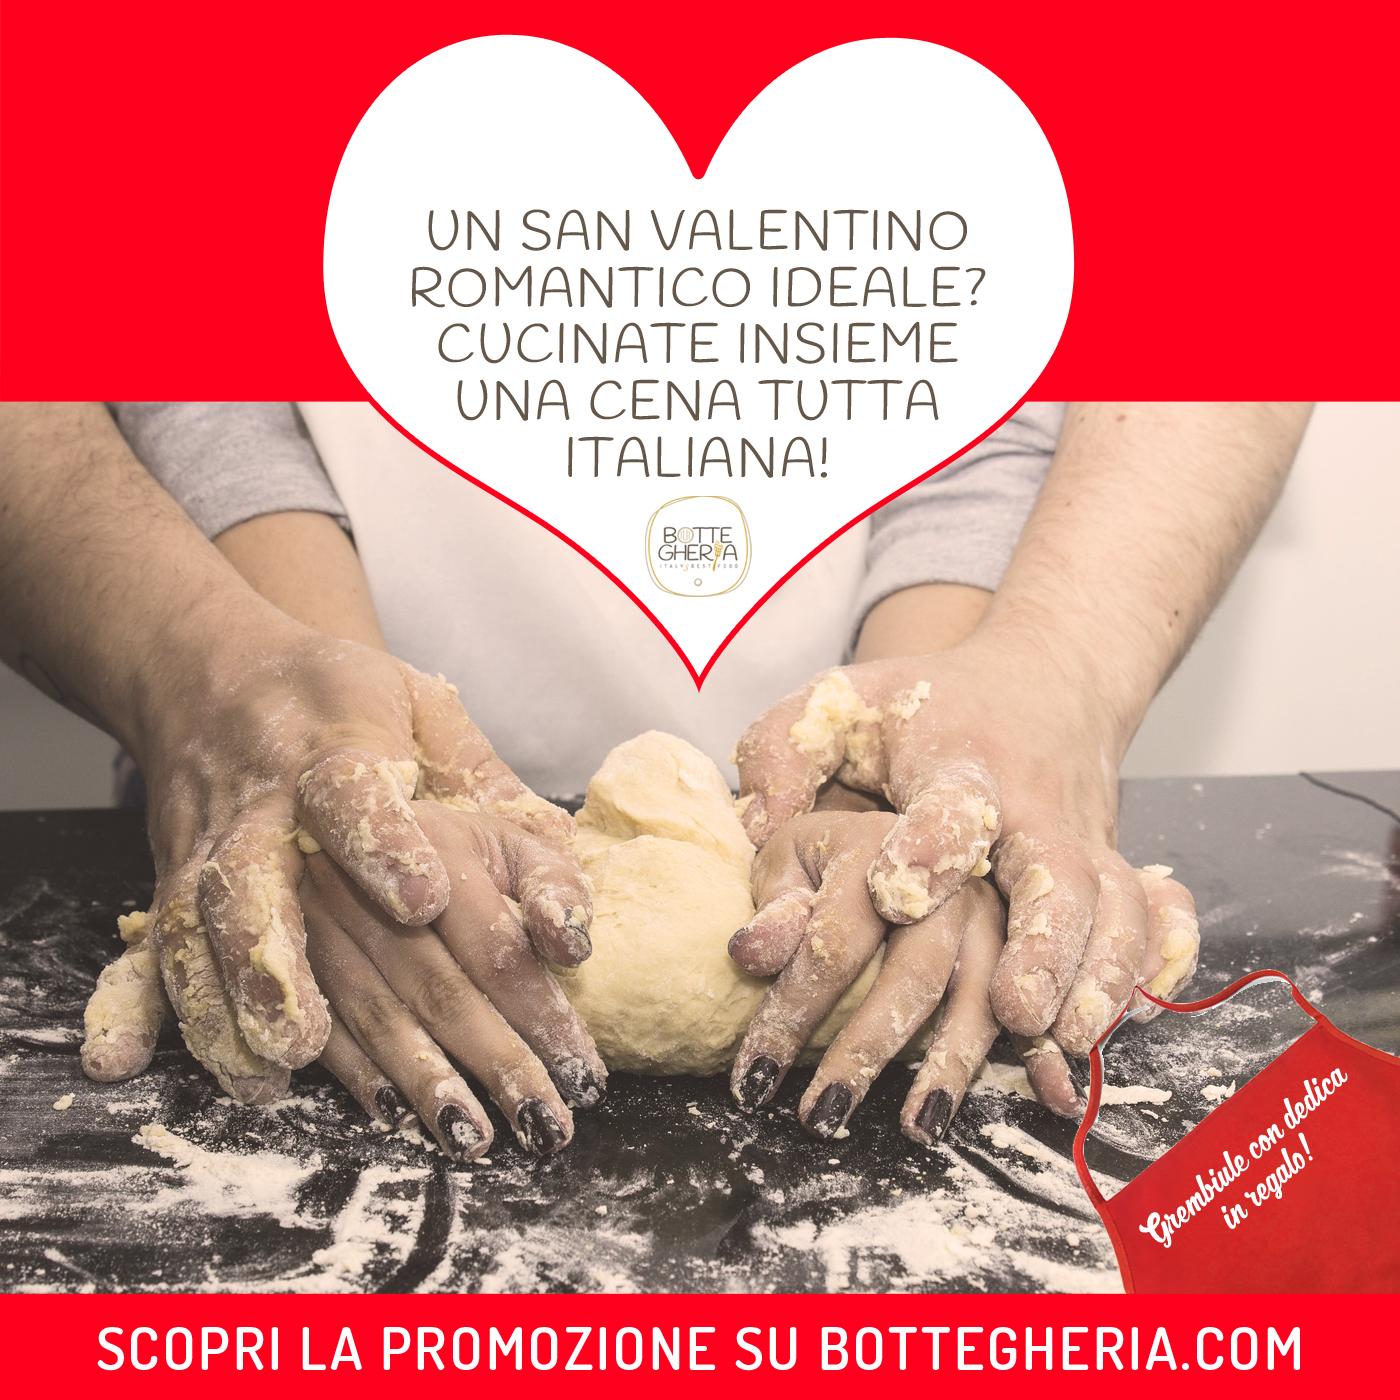 bottegheria-promozione-coppia-san-valentino-con-omaggio